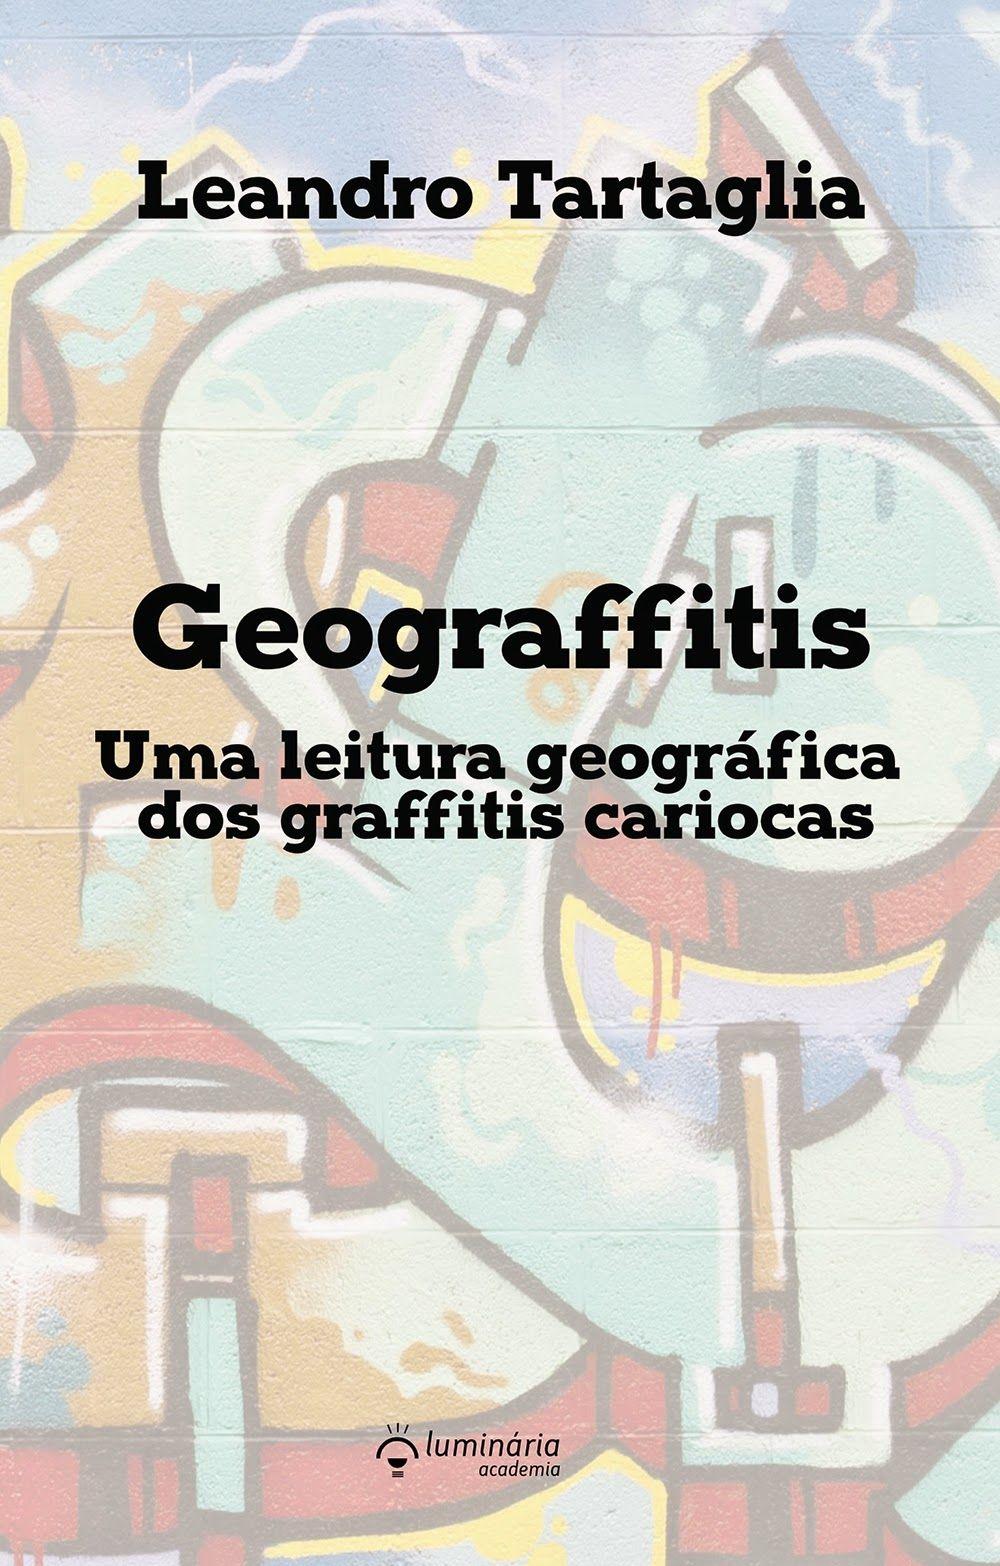 Palavras Sobre Qualquer Coisa: Geograffitis: Uma leitura geográfica sobre os graf...